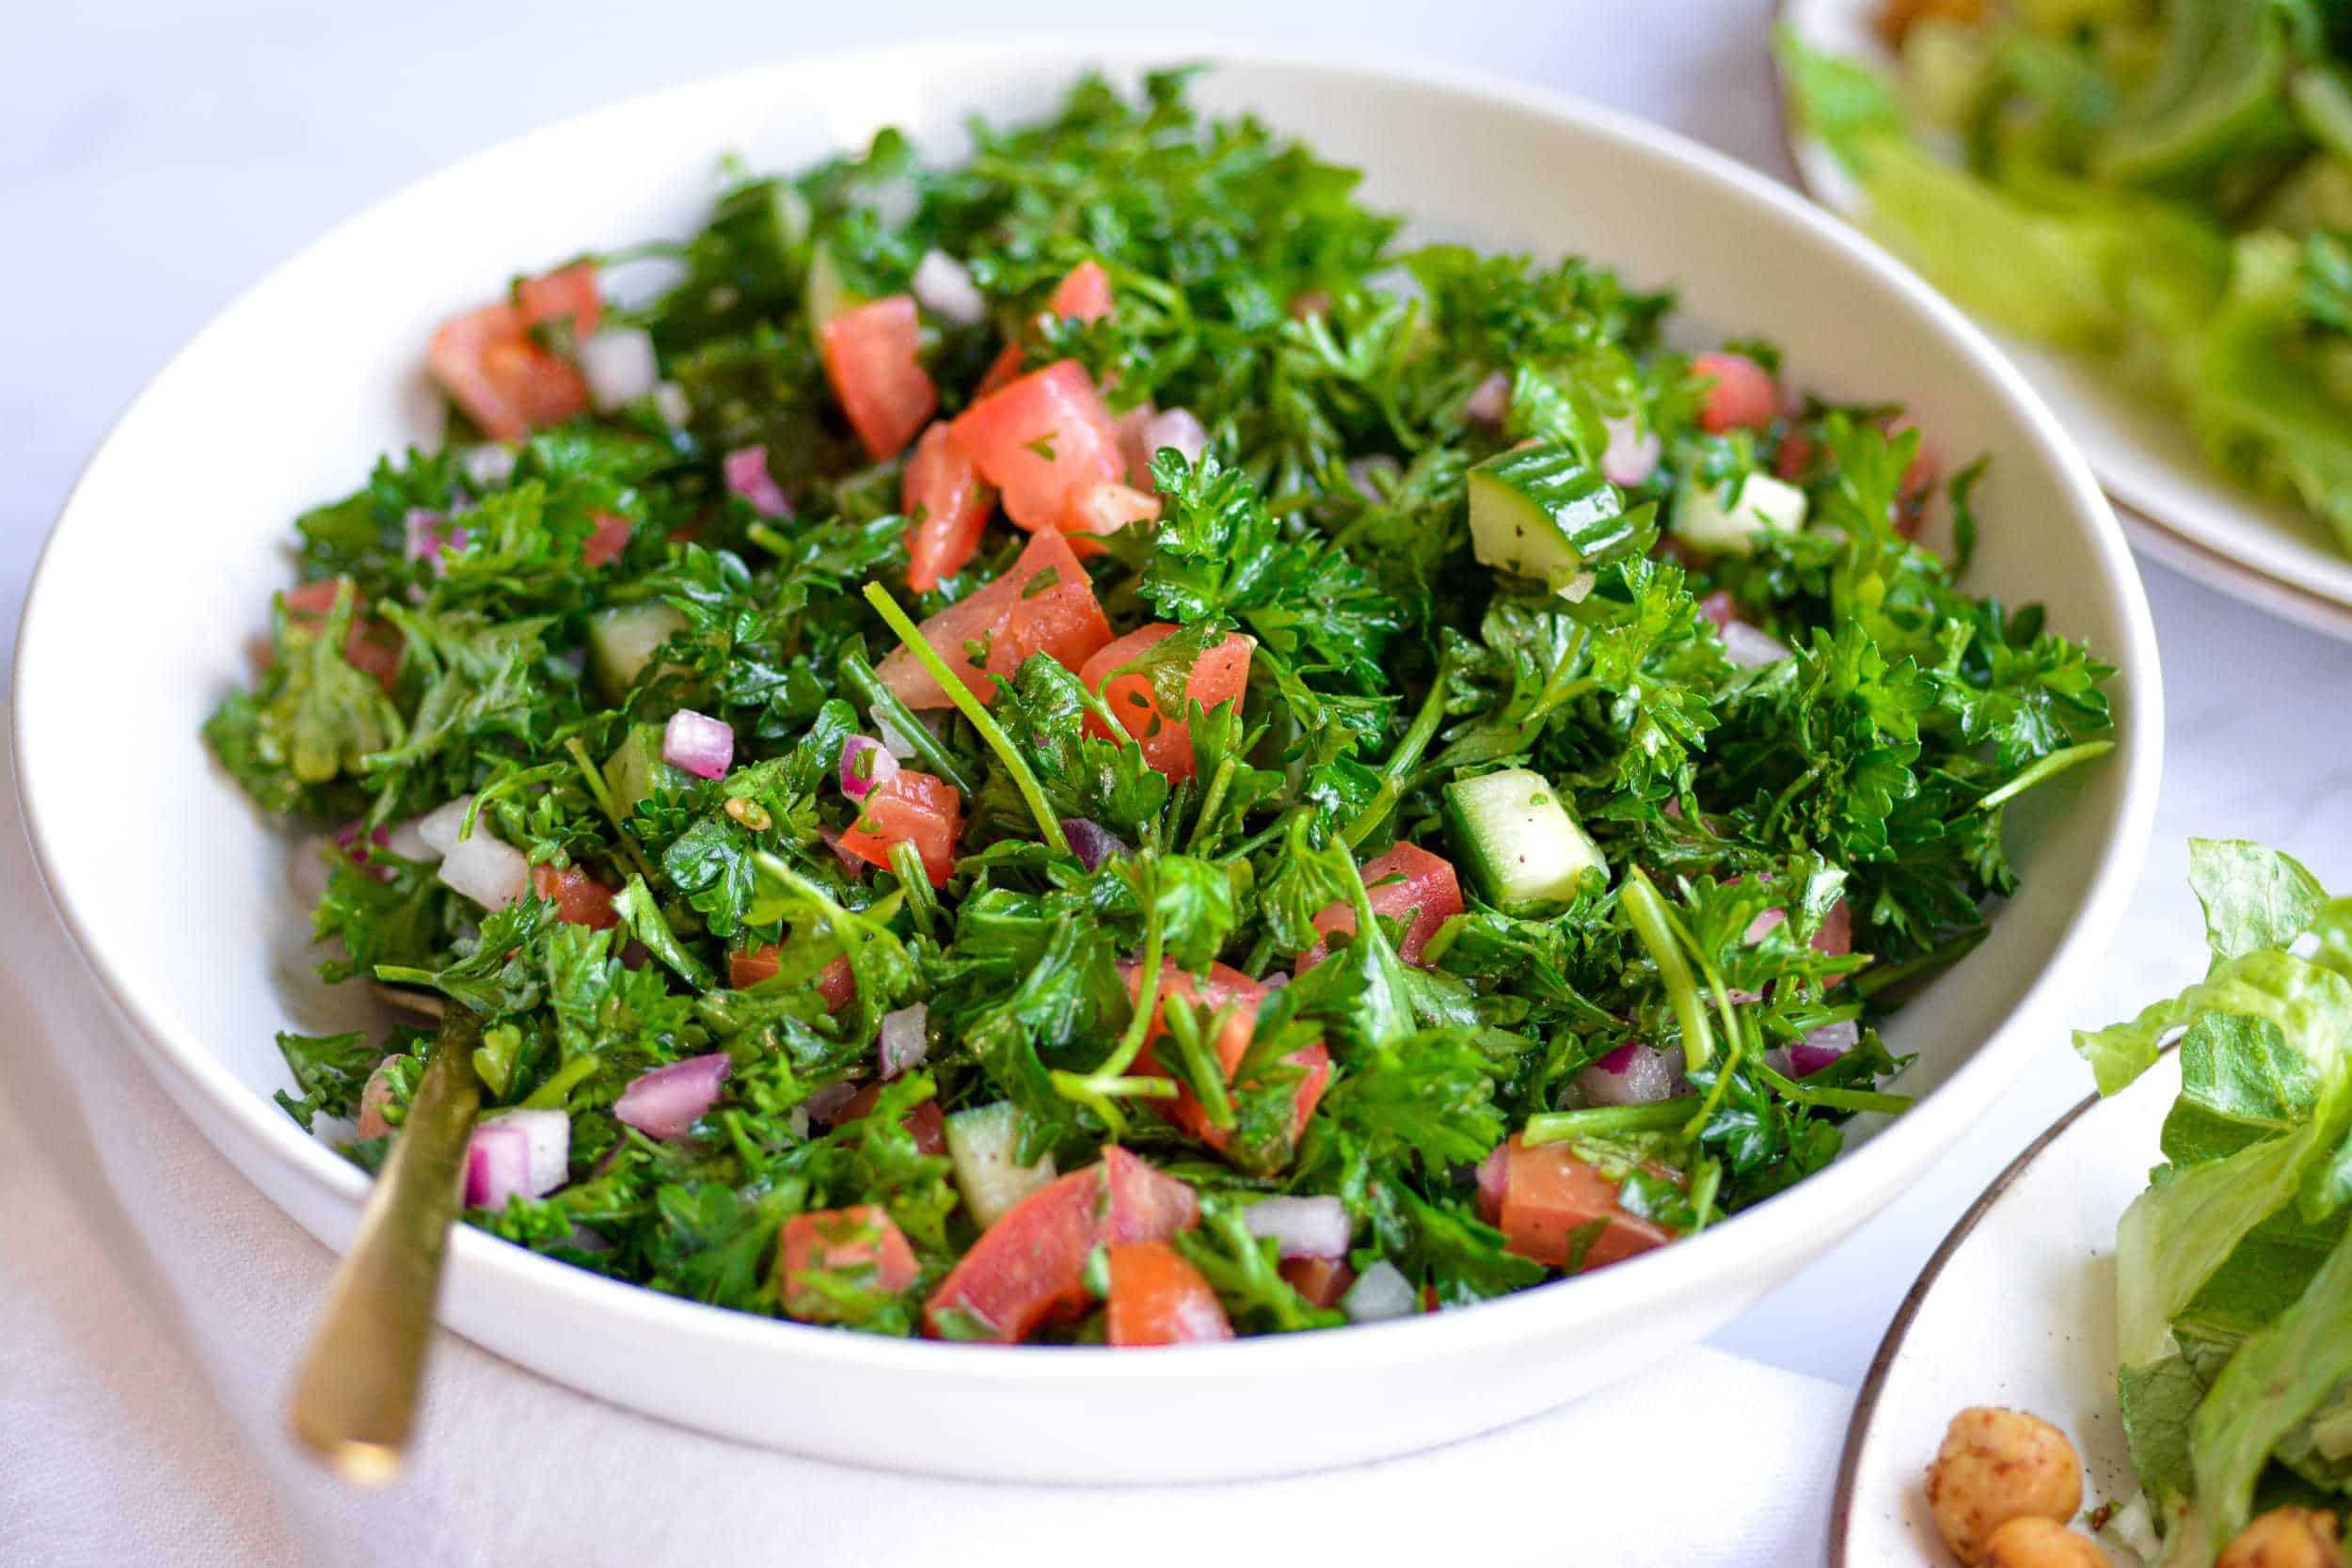 Easy Grain-Free Tabbouleh Salad